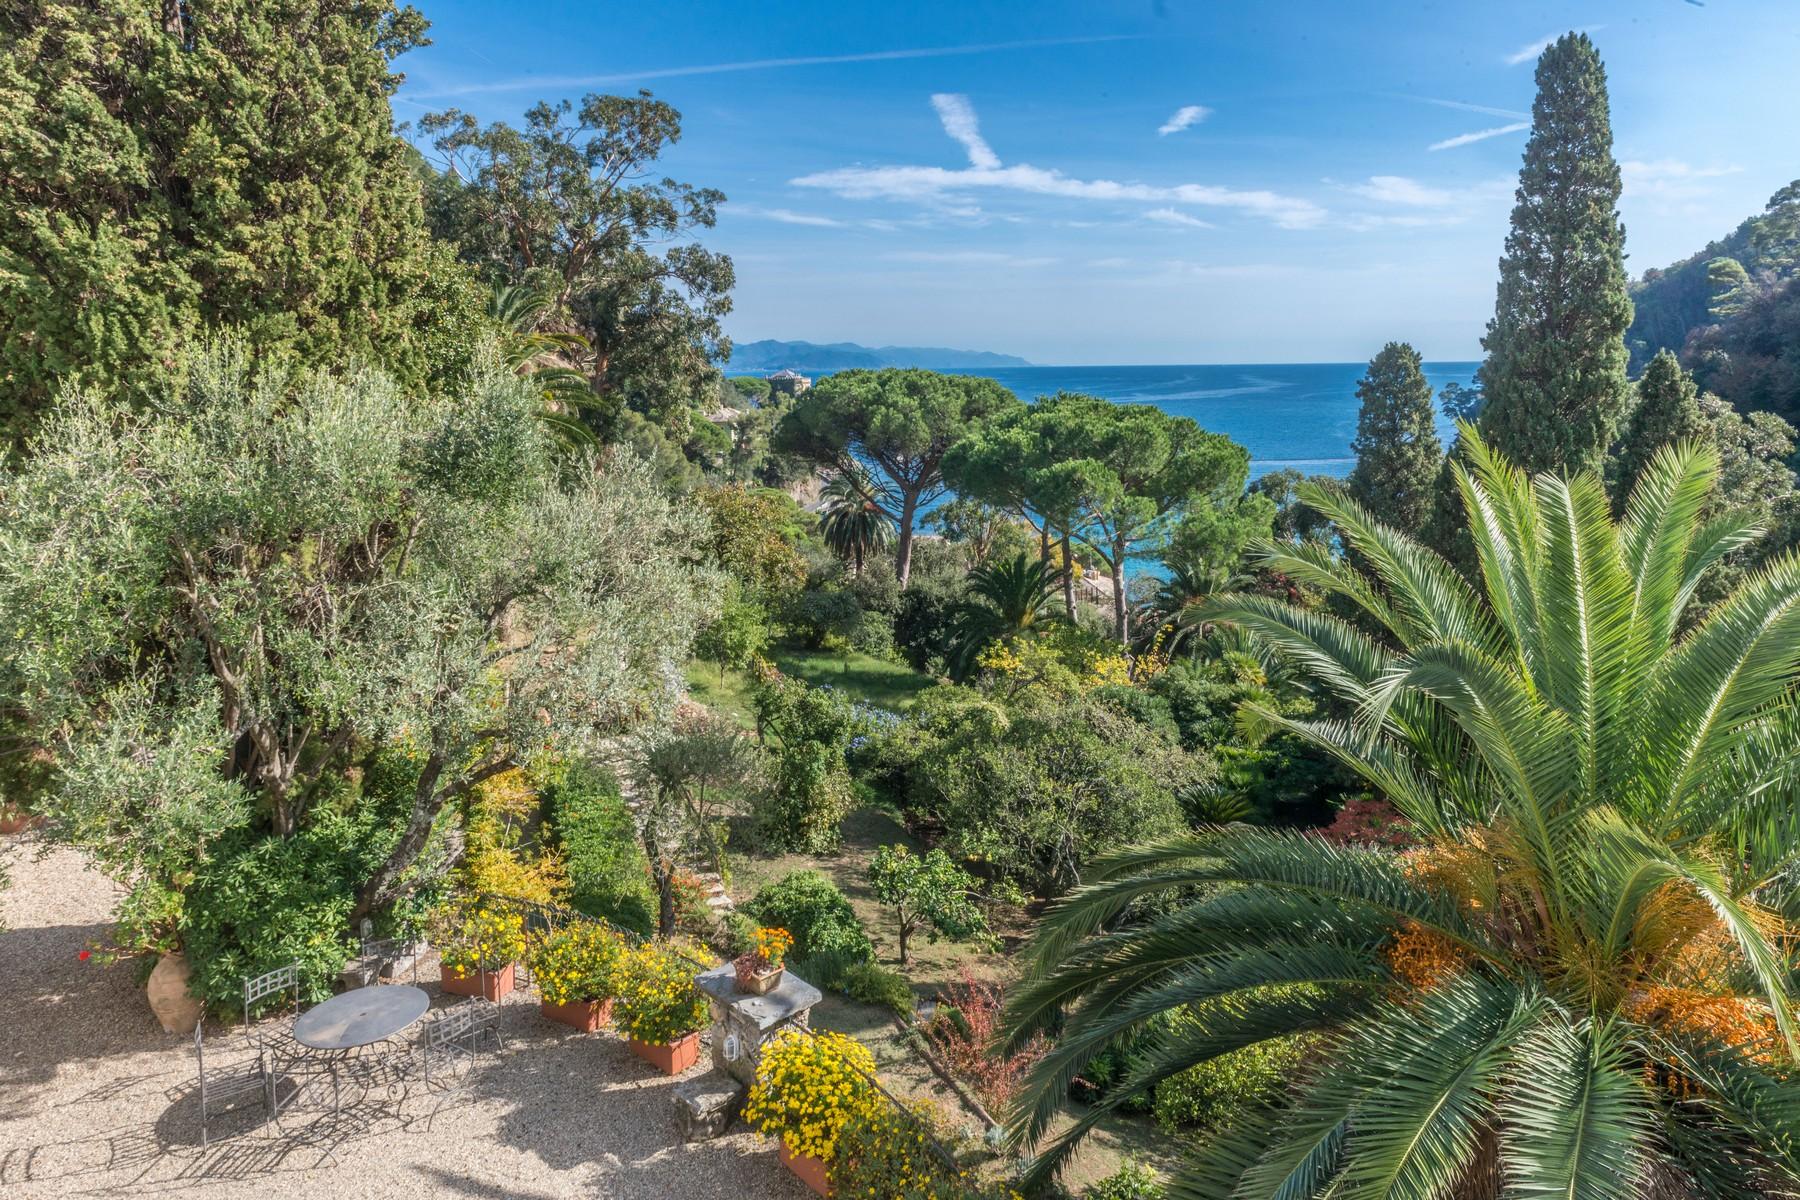 Appartamento in Vendita a Santa Margherita Ligure: 5 locali, 230 mq - Foto 9